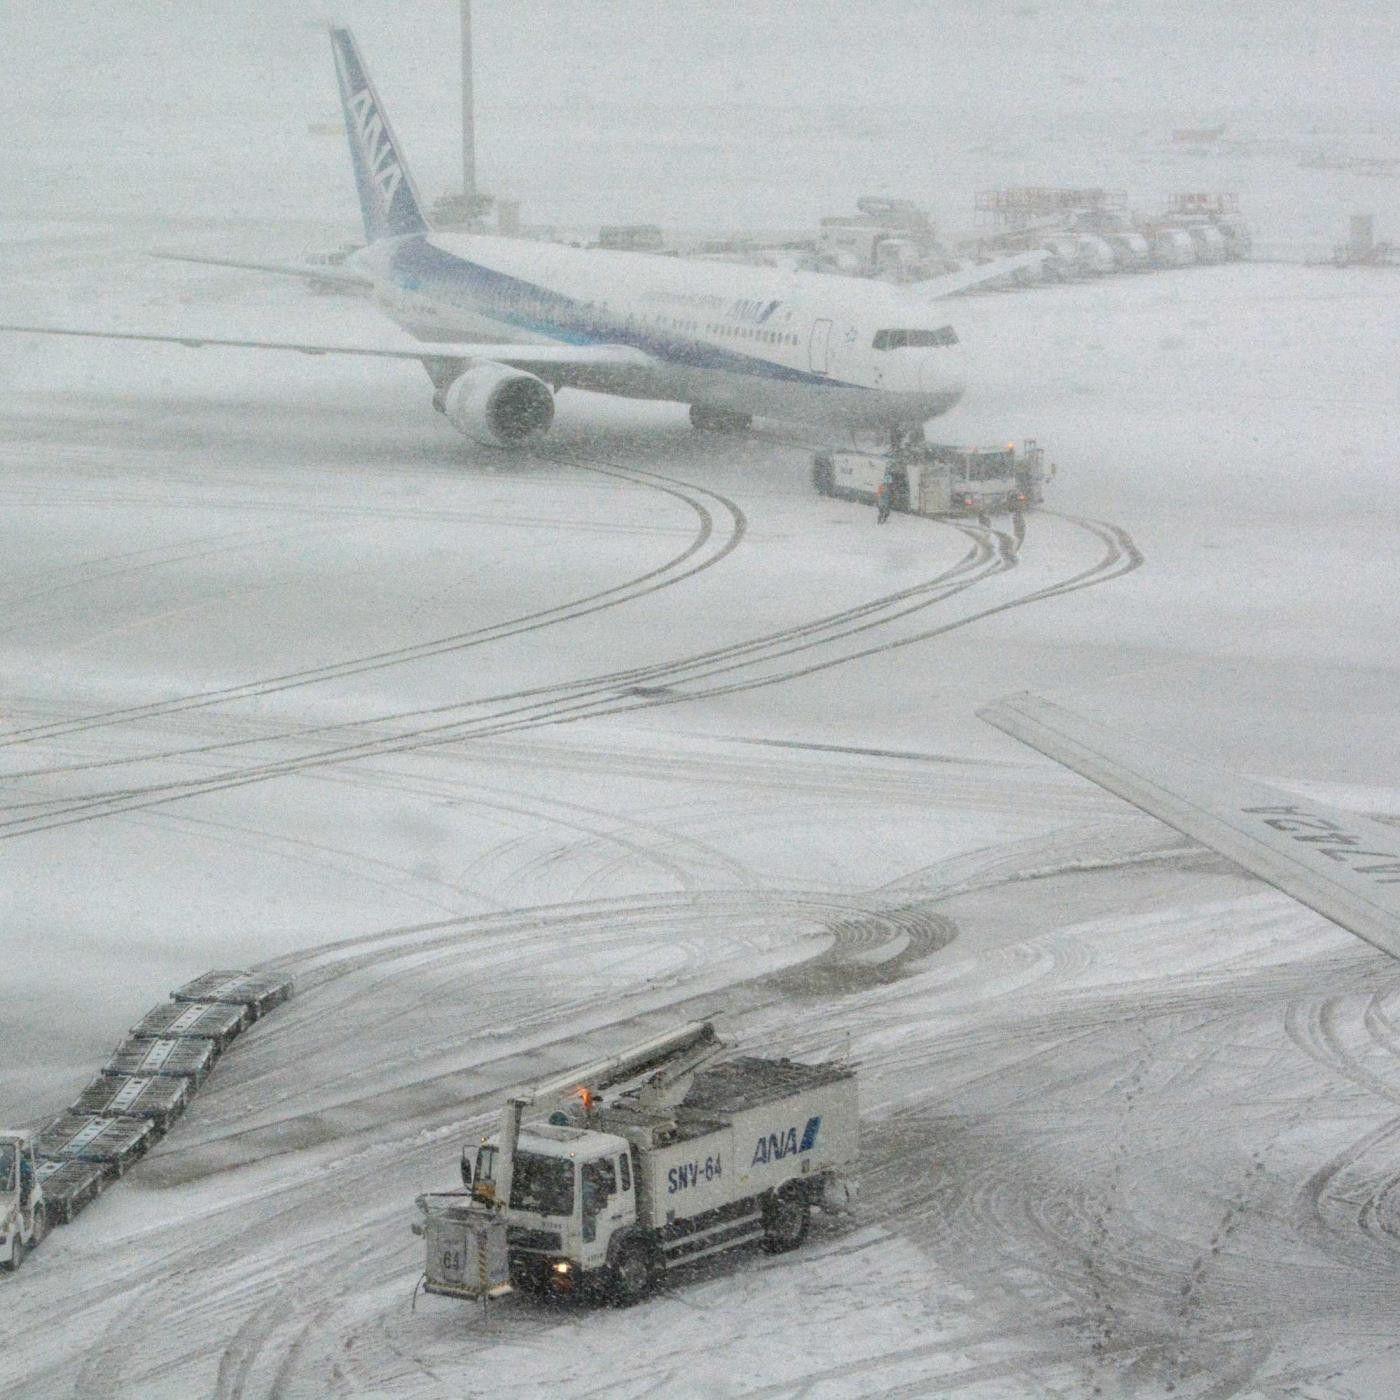 ВШереметьеве предупредили о вероятных задержках рейсов из-за снегопада